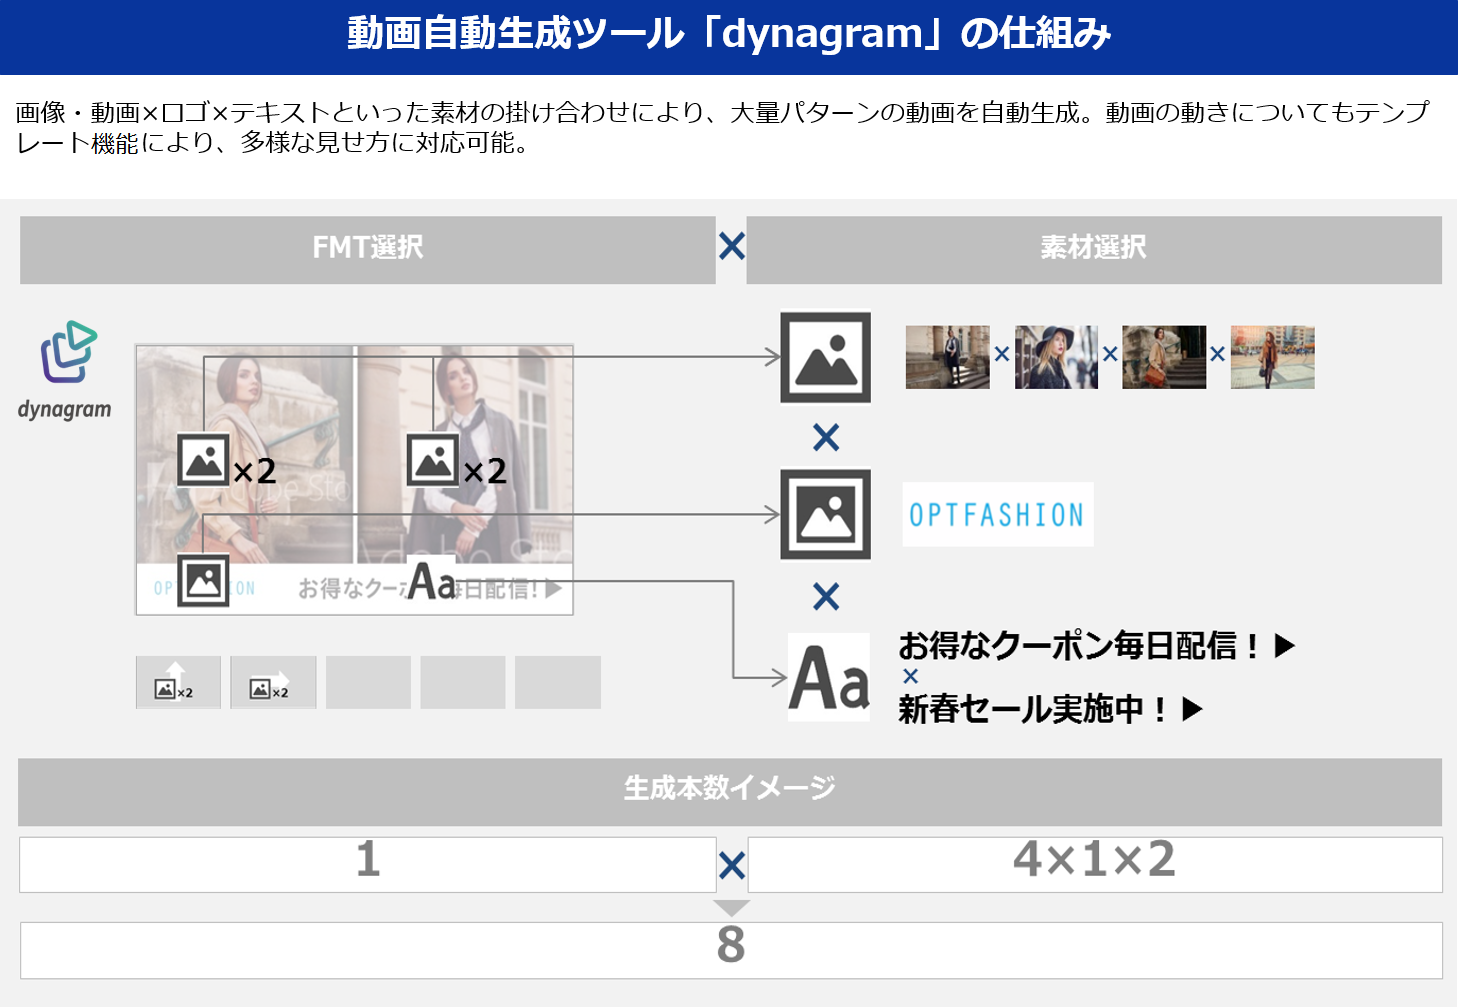 図1:動画自動生成ツール「dynagram」の仕組み